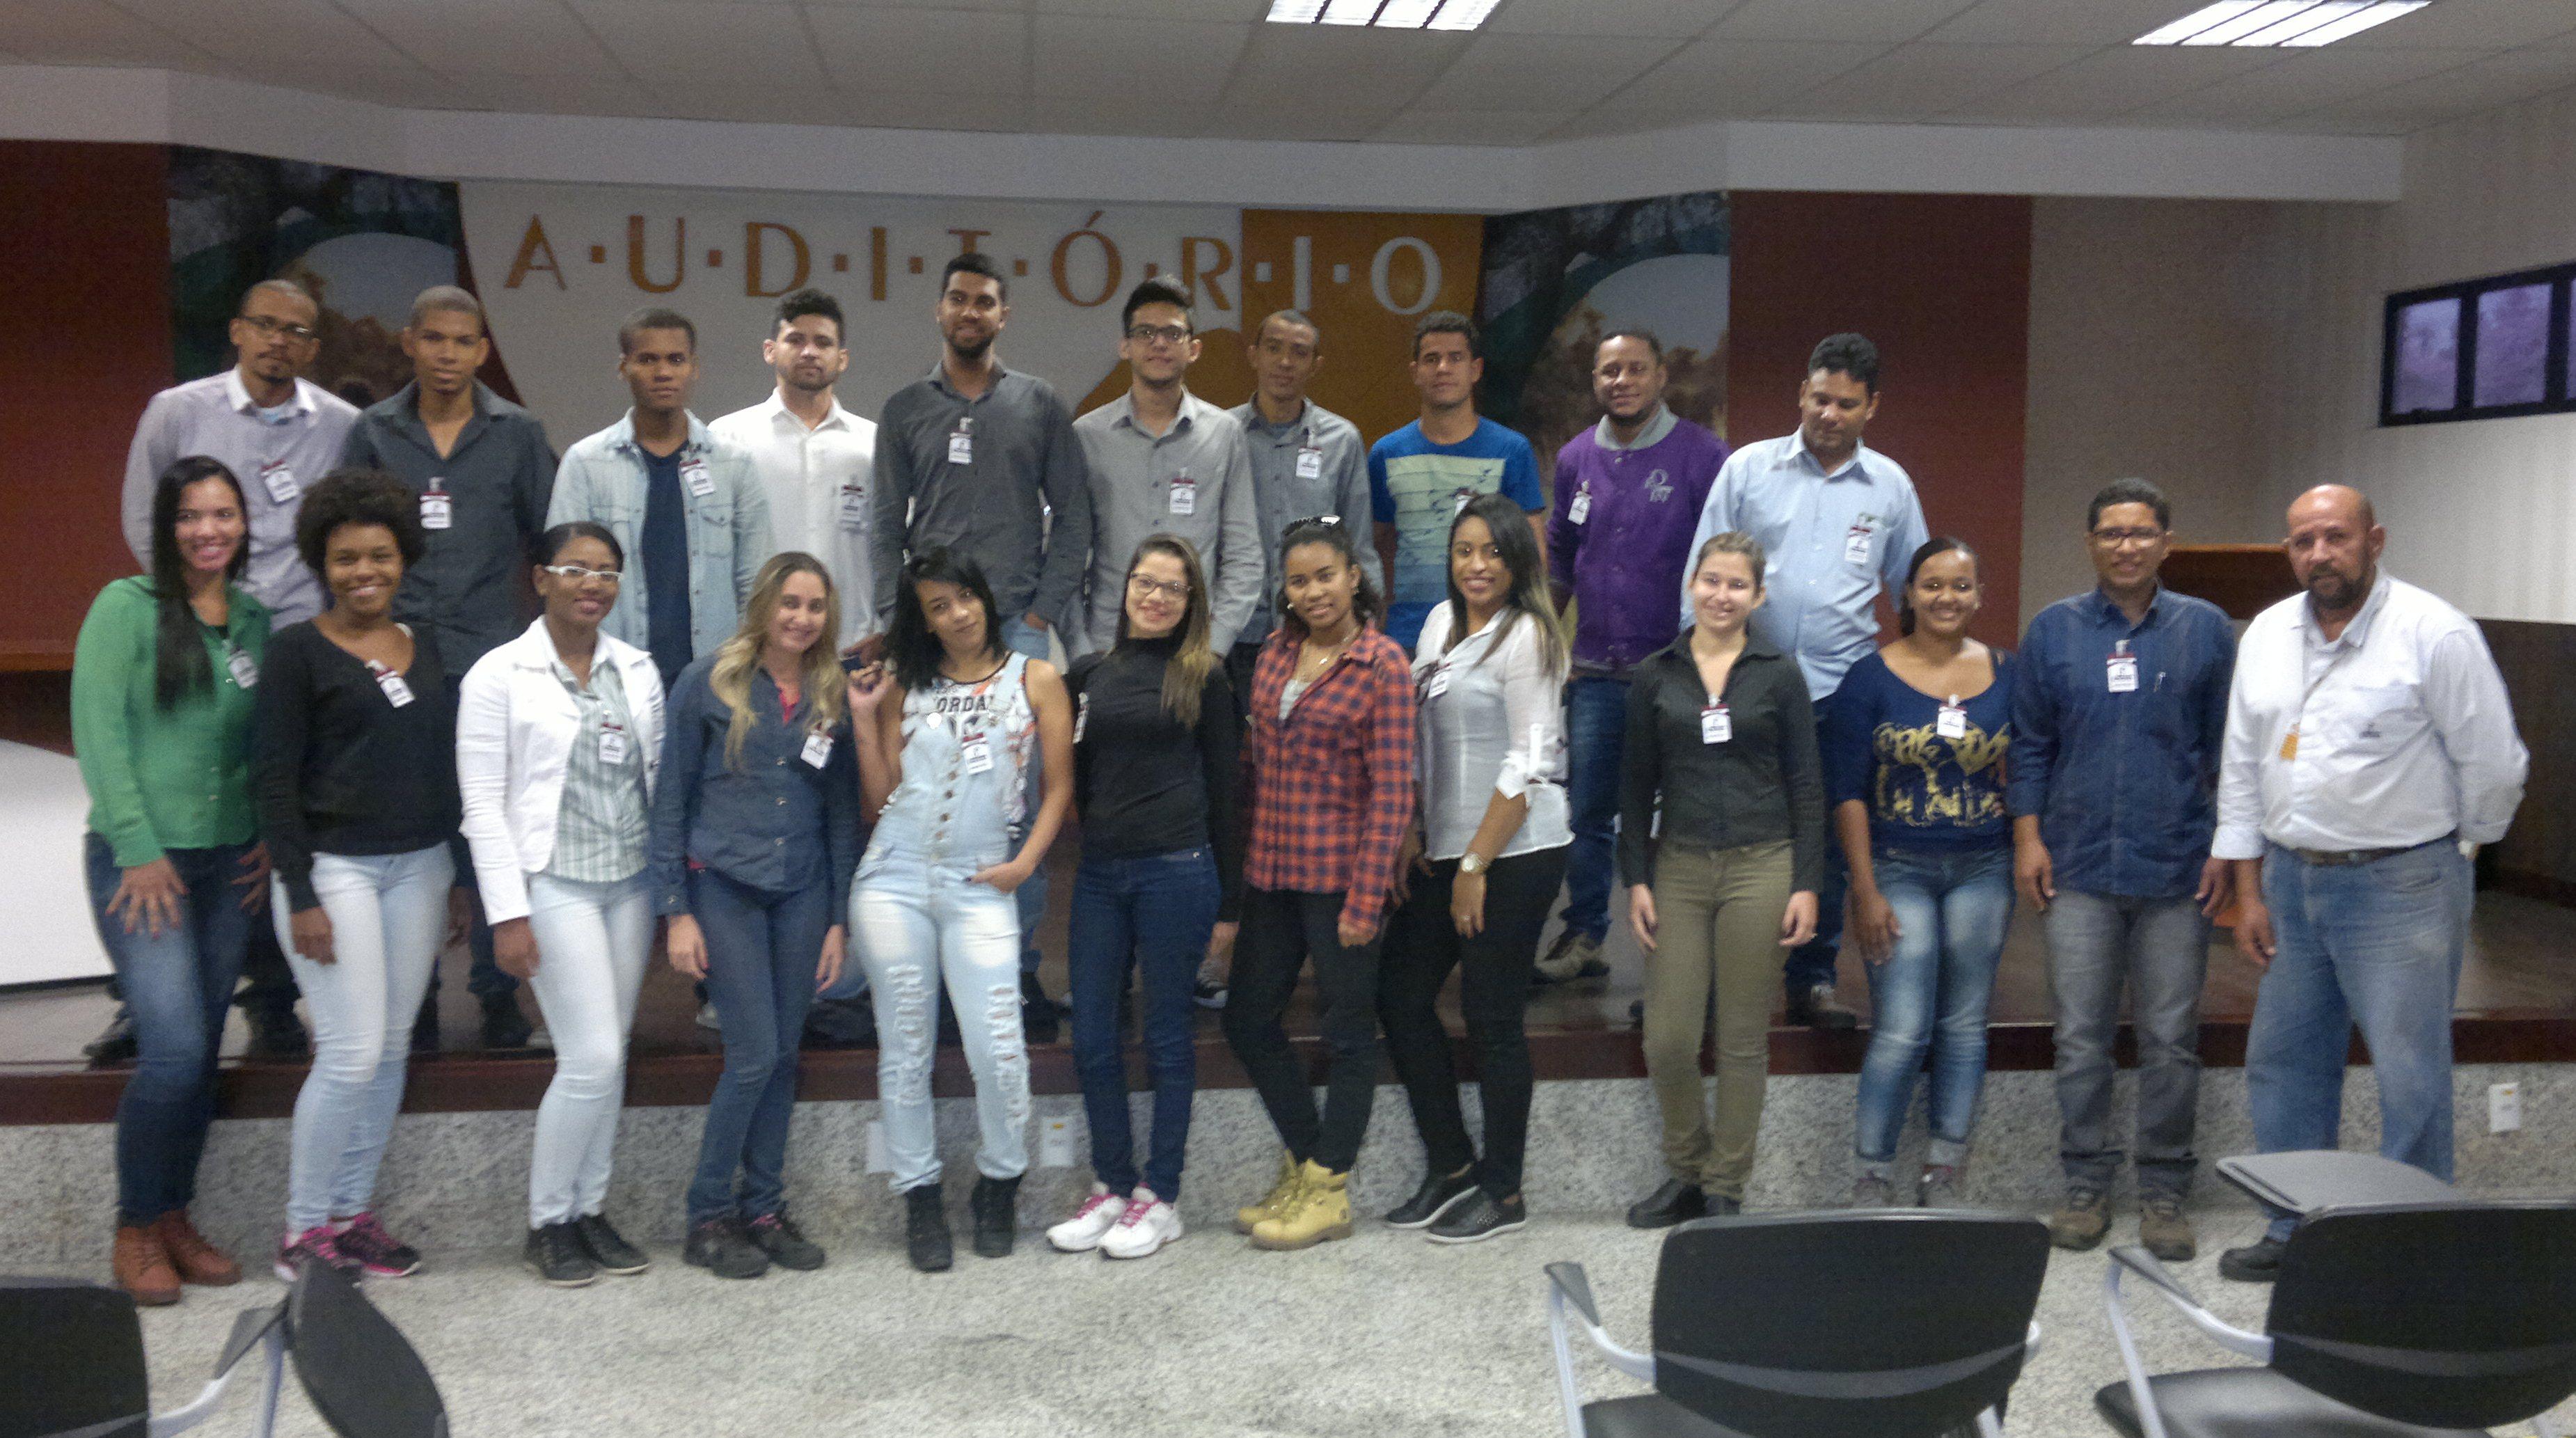 Ferbasa: alunos conheceram a estrutura organizacional da empresa